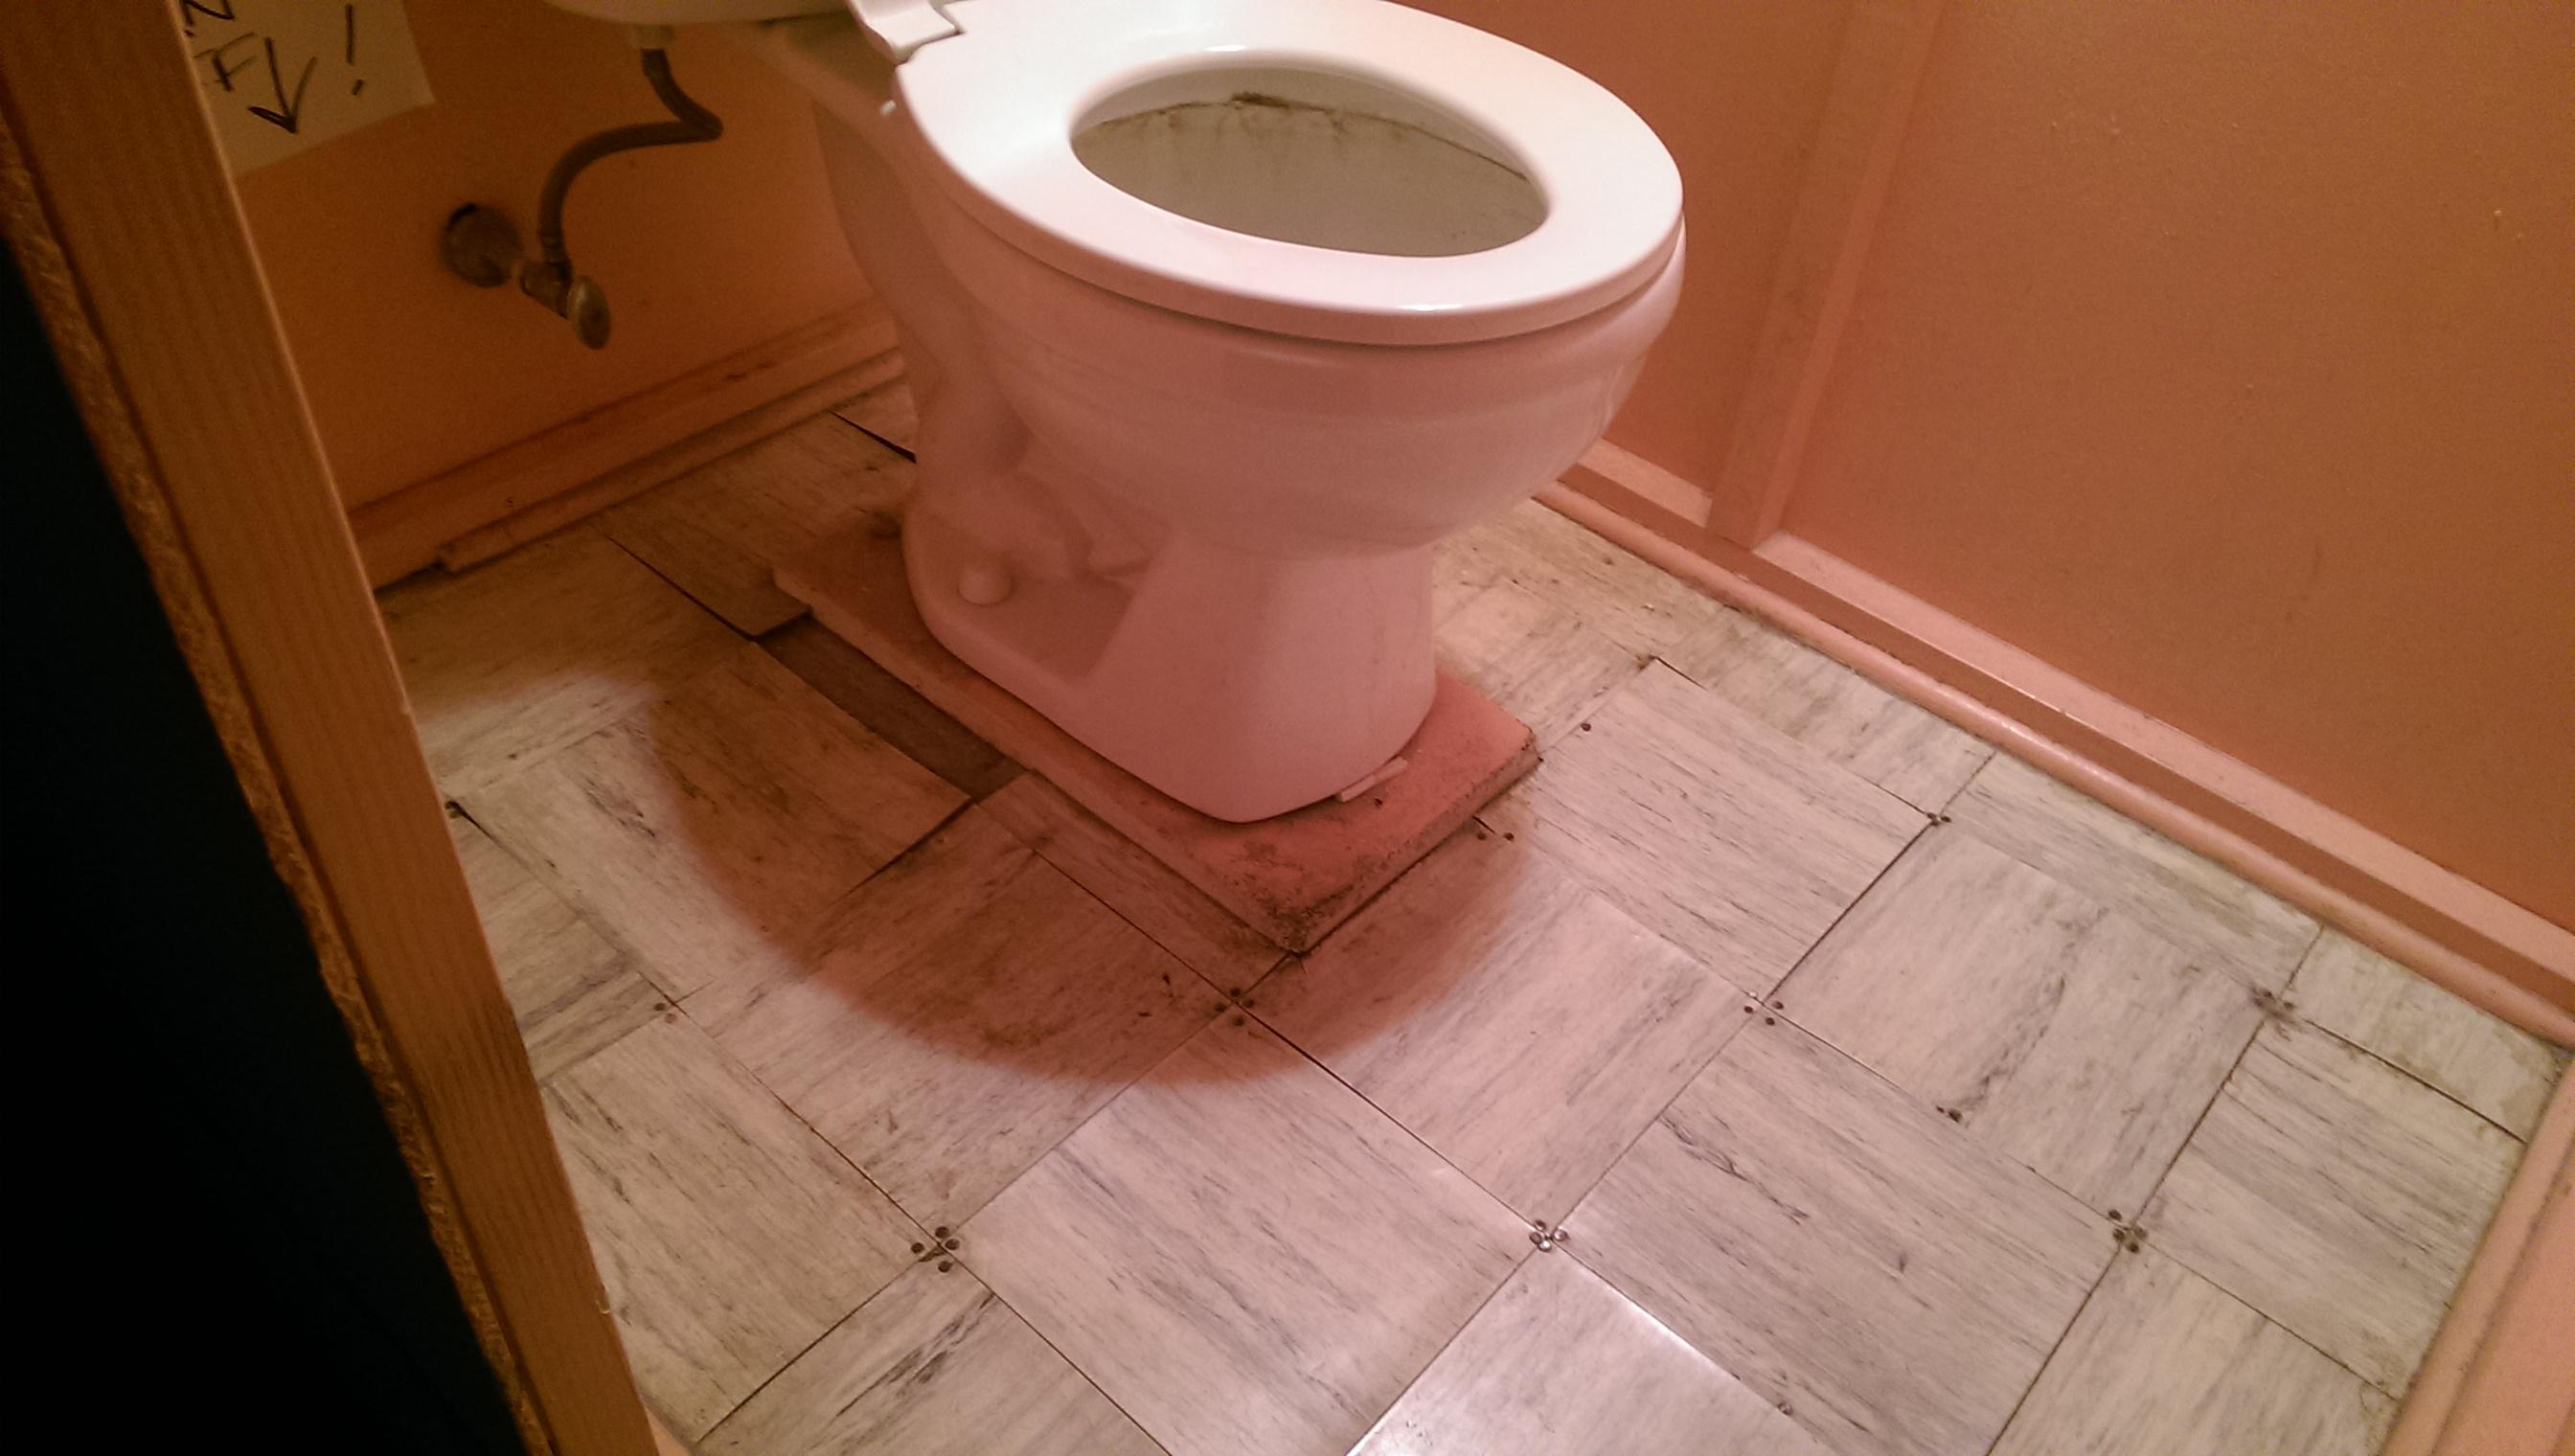 toilet-with-original-linoleum-flooring